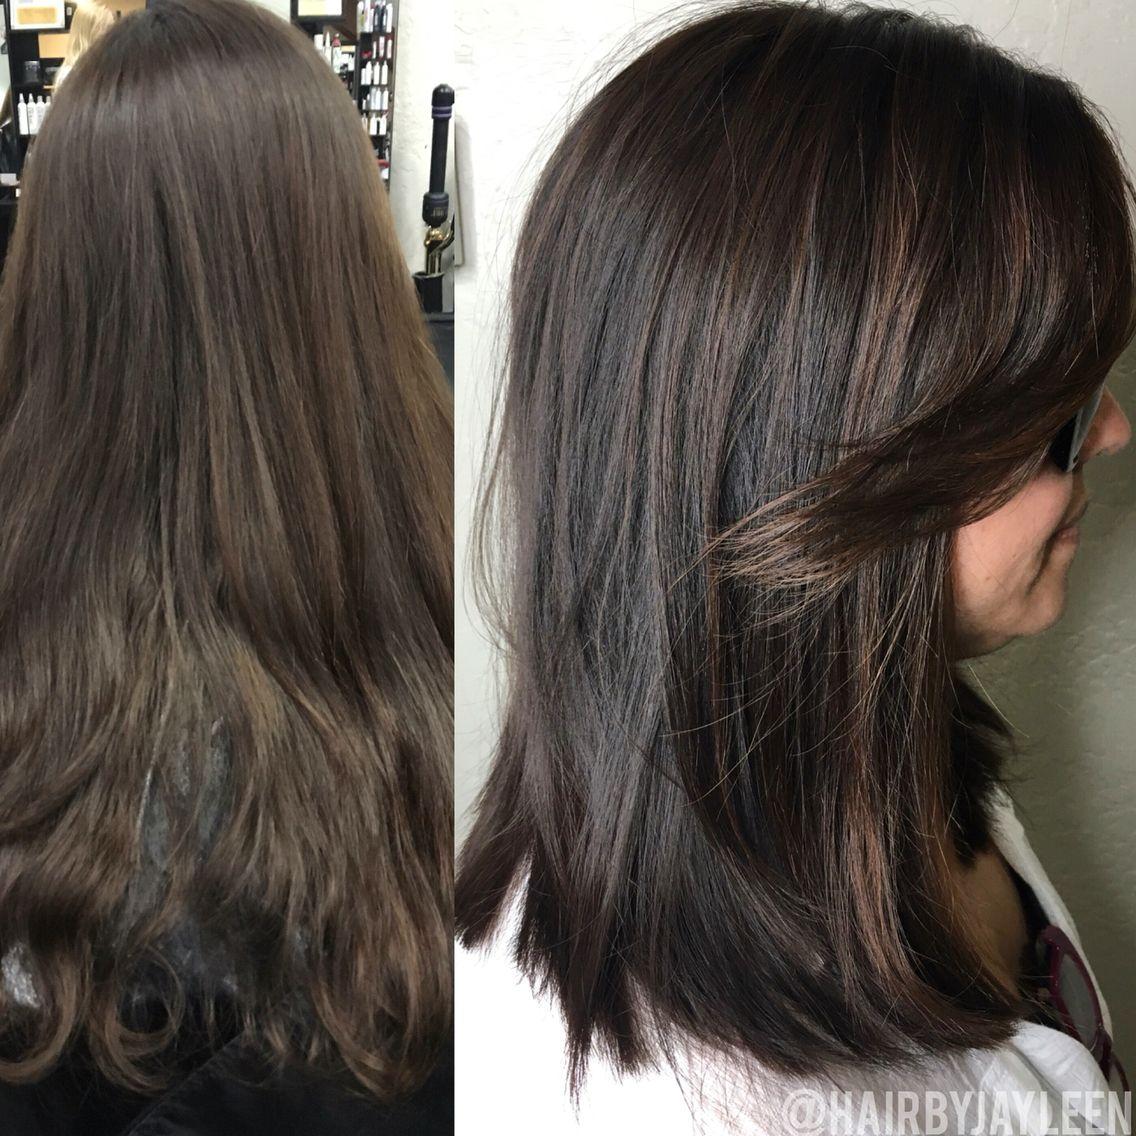 Balayage dark hair, lob haircut, dark brown hair, chocolate brown hair,  before